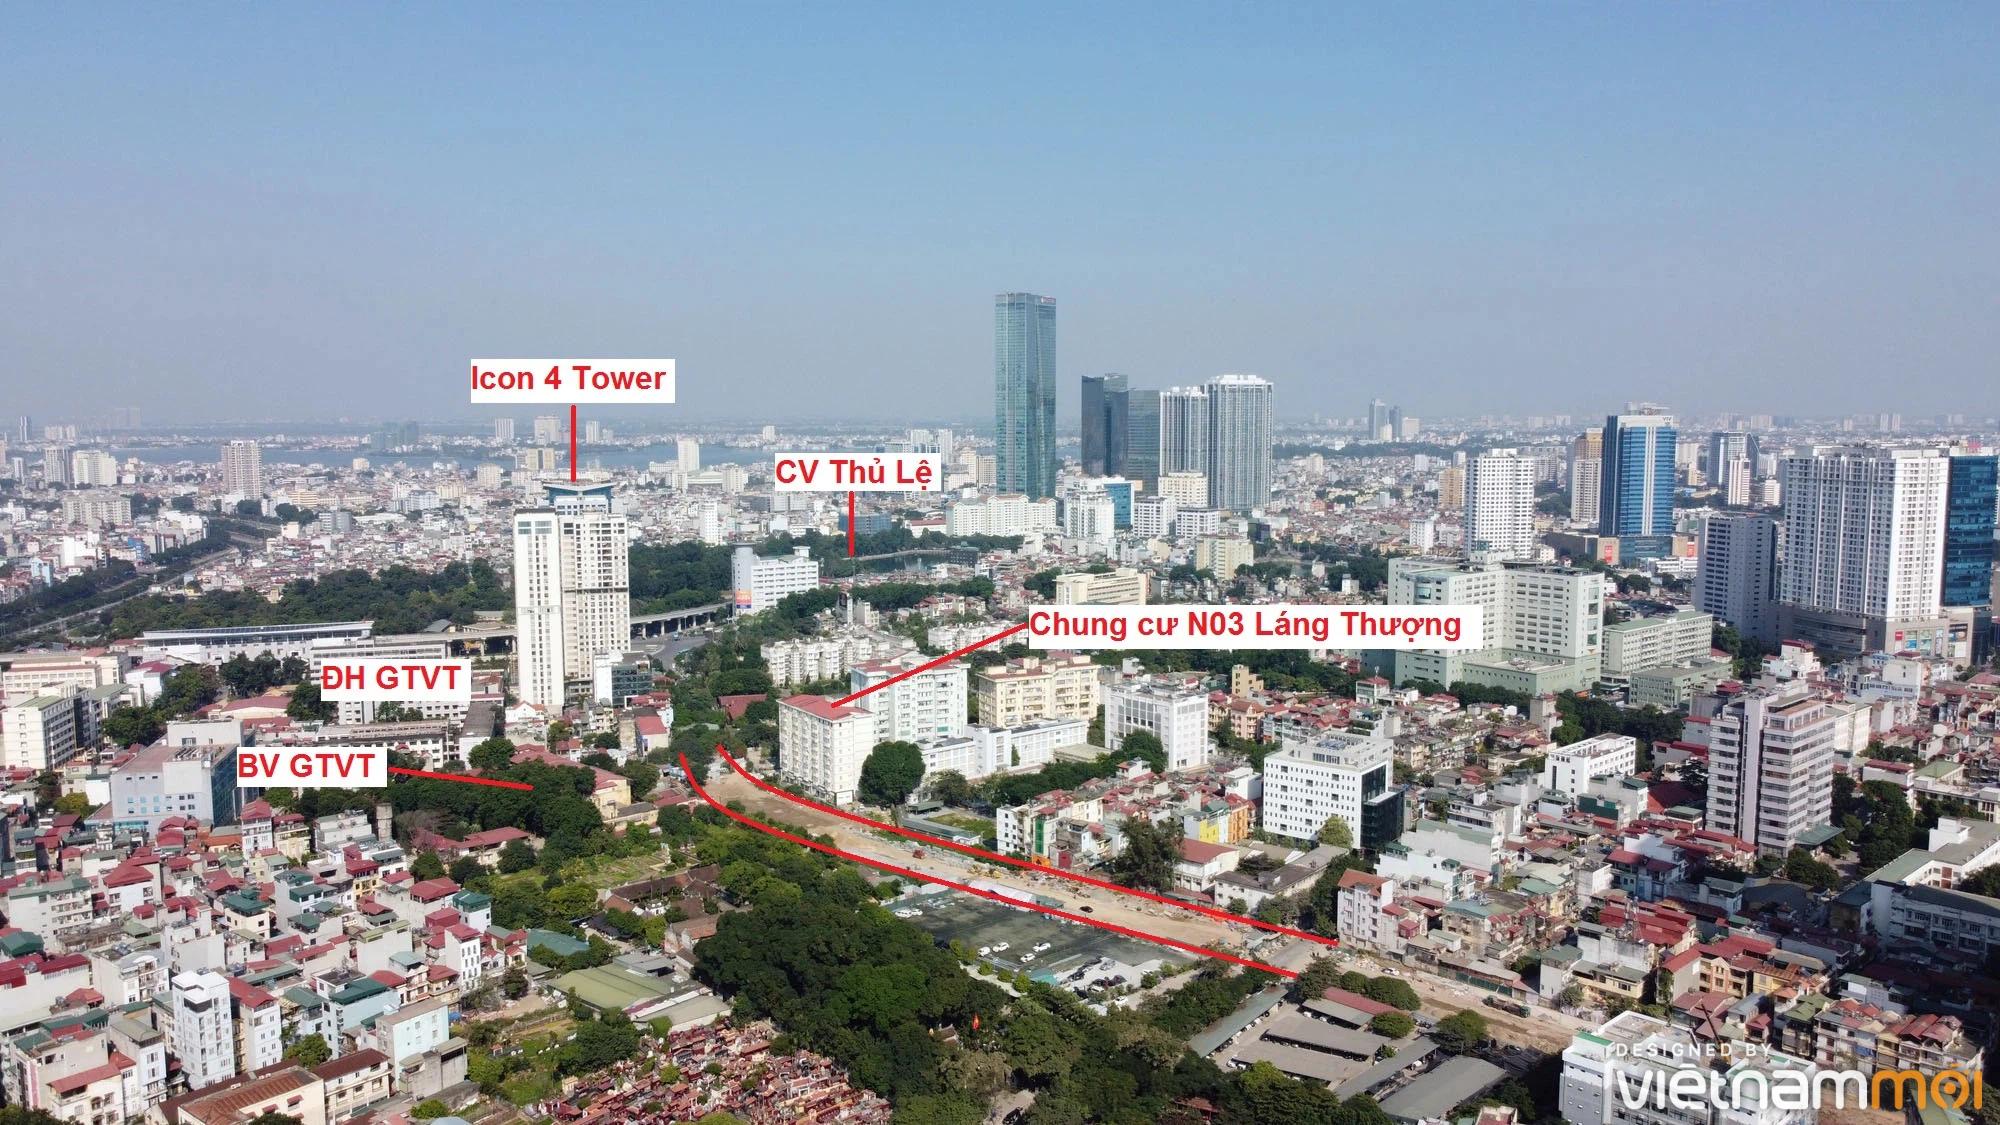 4 đường lớn sắp mở trong vùng nội đô lịch sử Hà Nội - Ảnh 10.